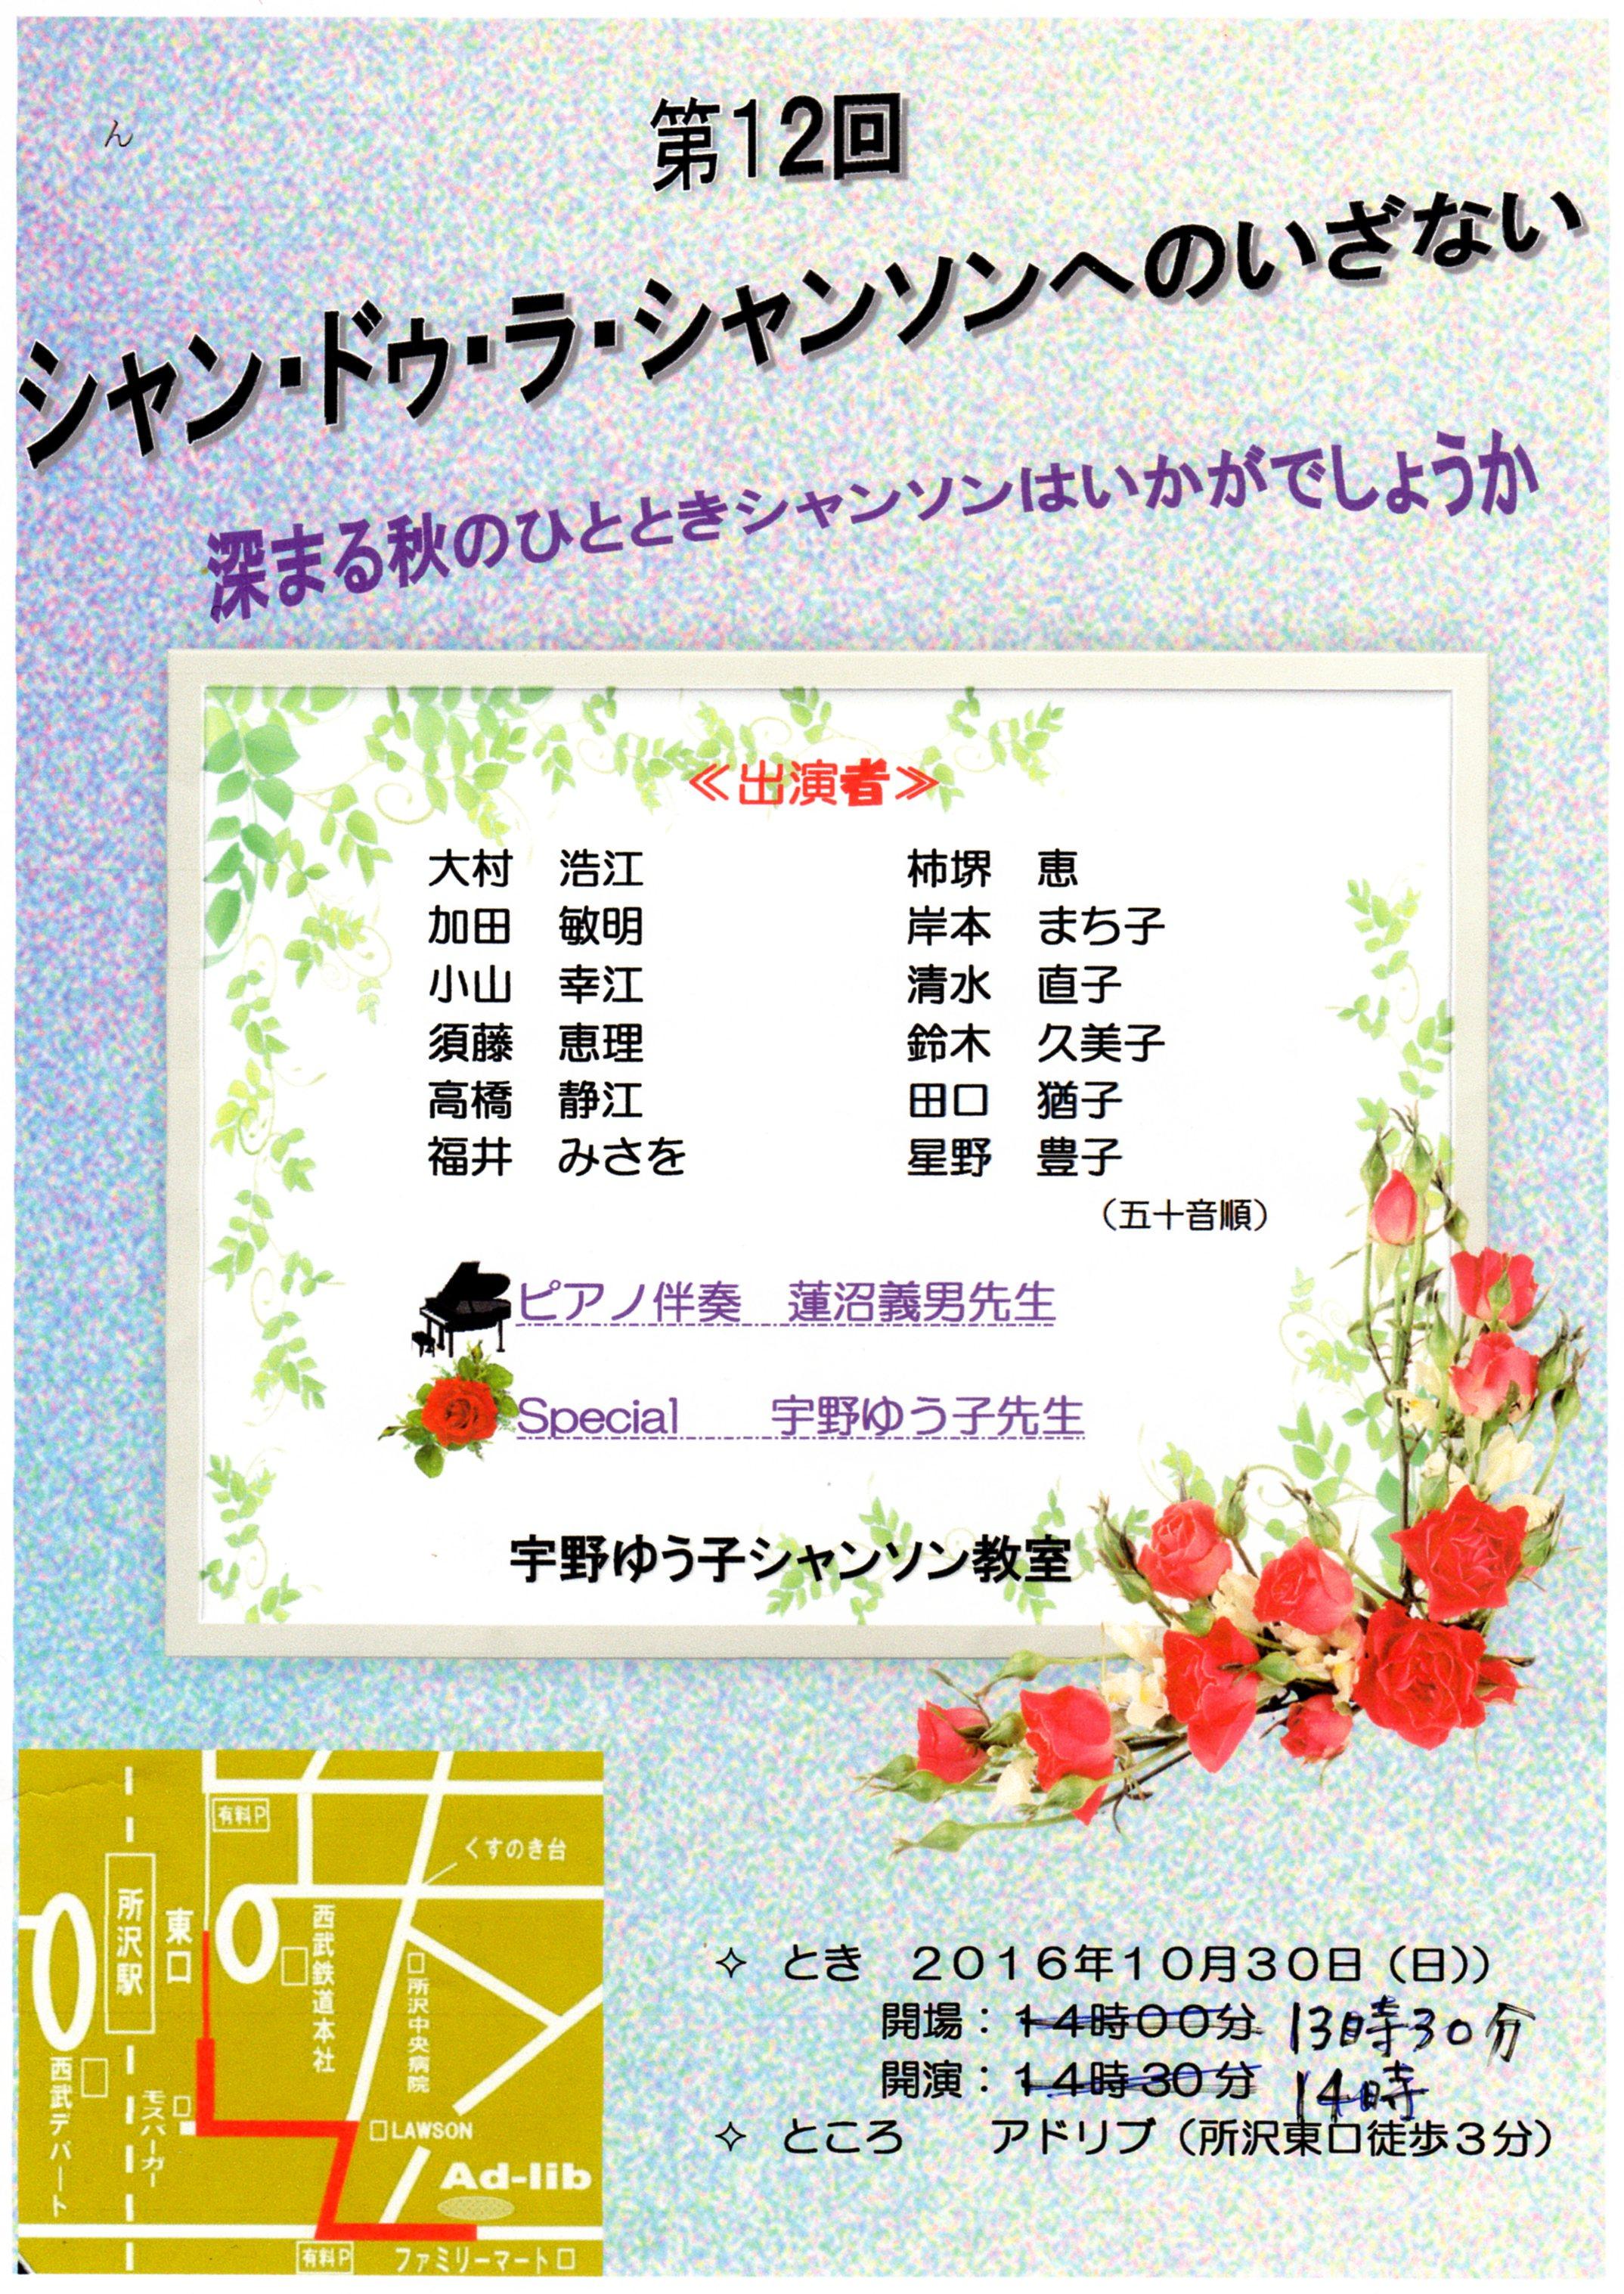 http://unoyuko.com/blog/chanson/img065.jpg